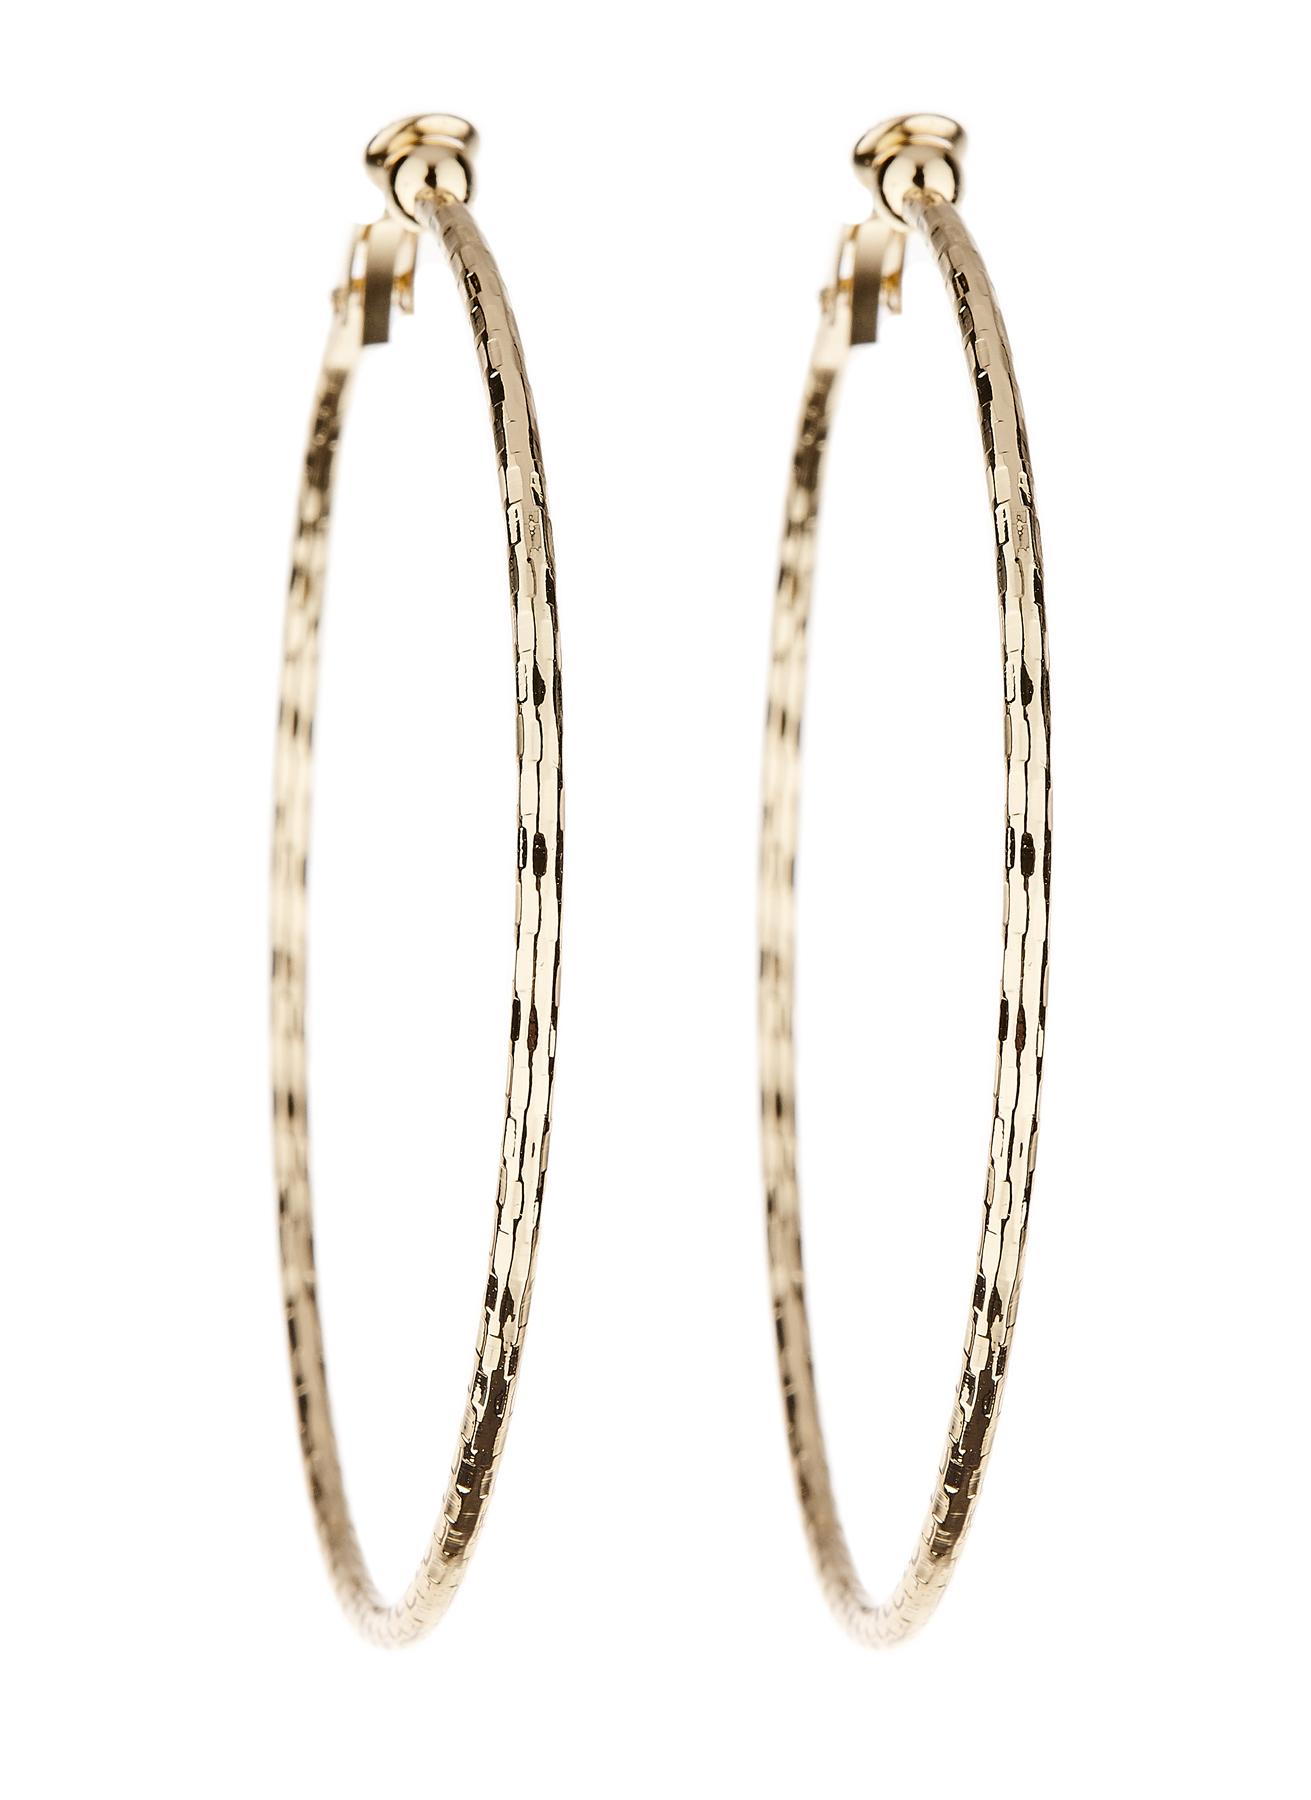 Clip On Earrings - Delia - gold hoop earring